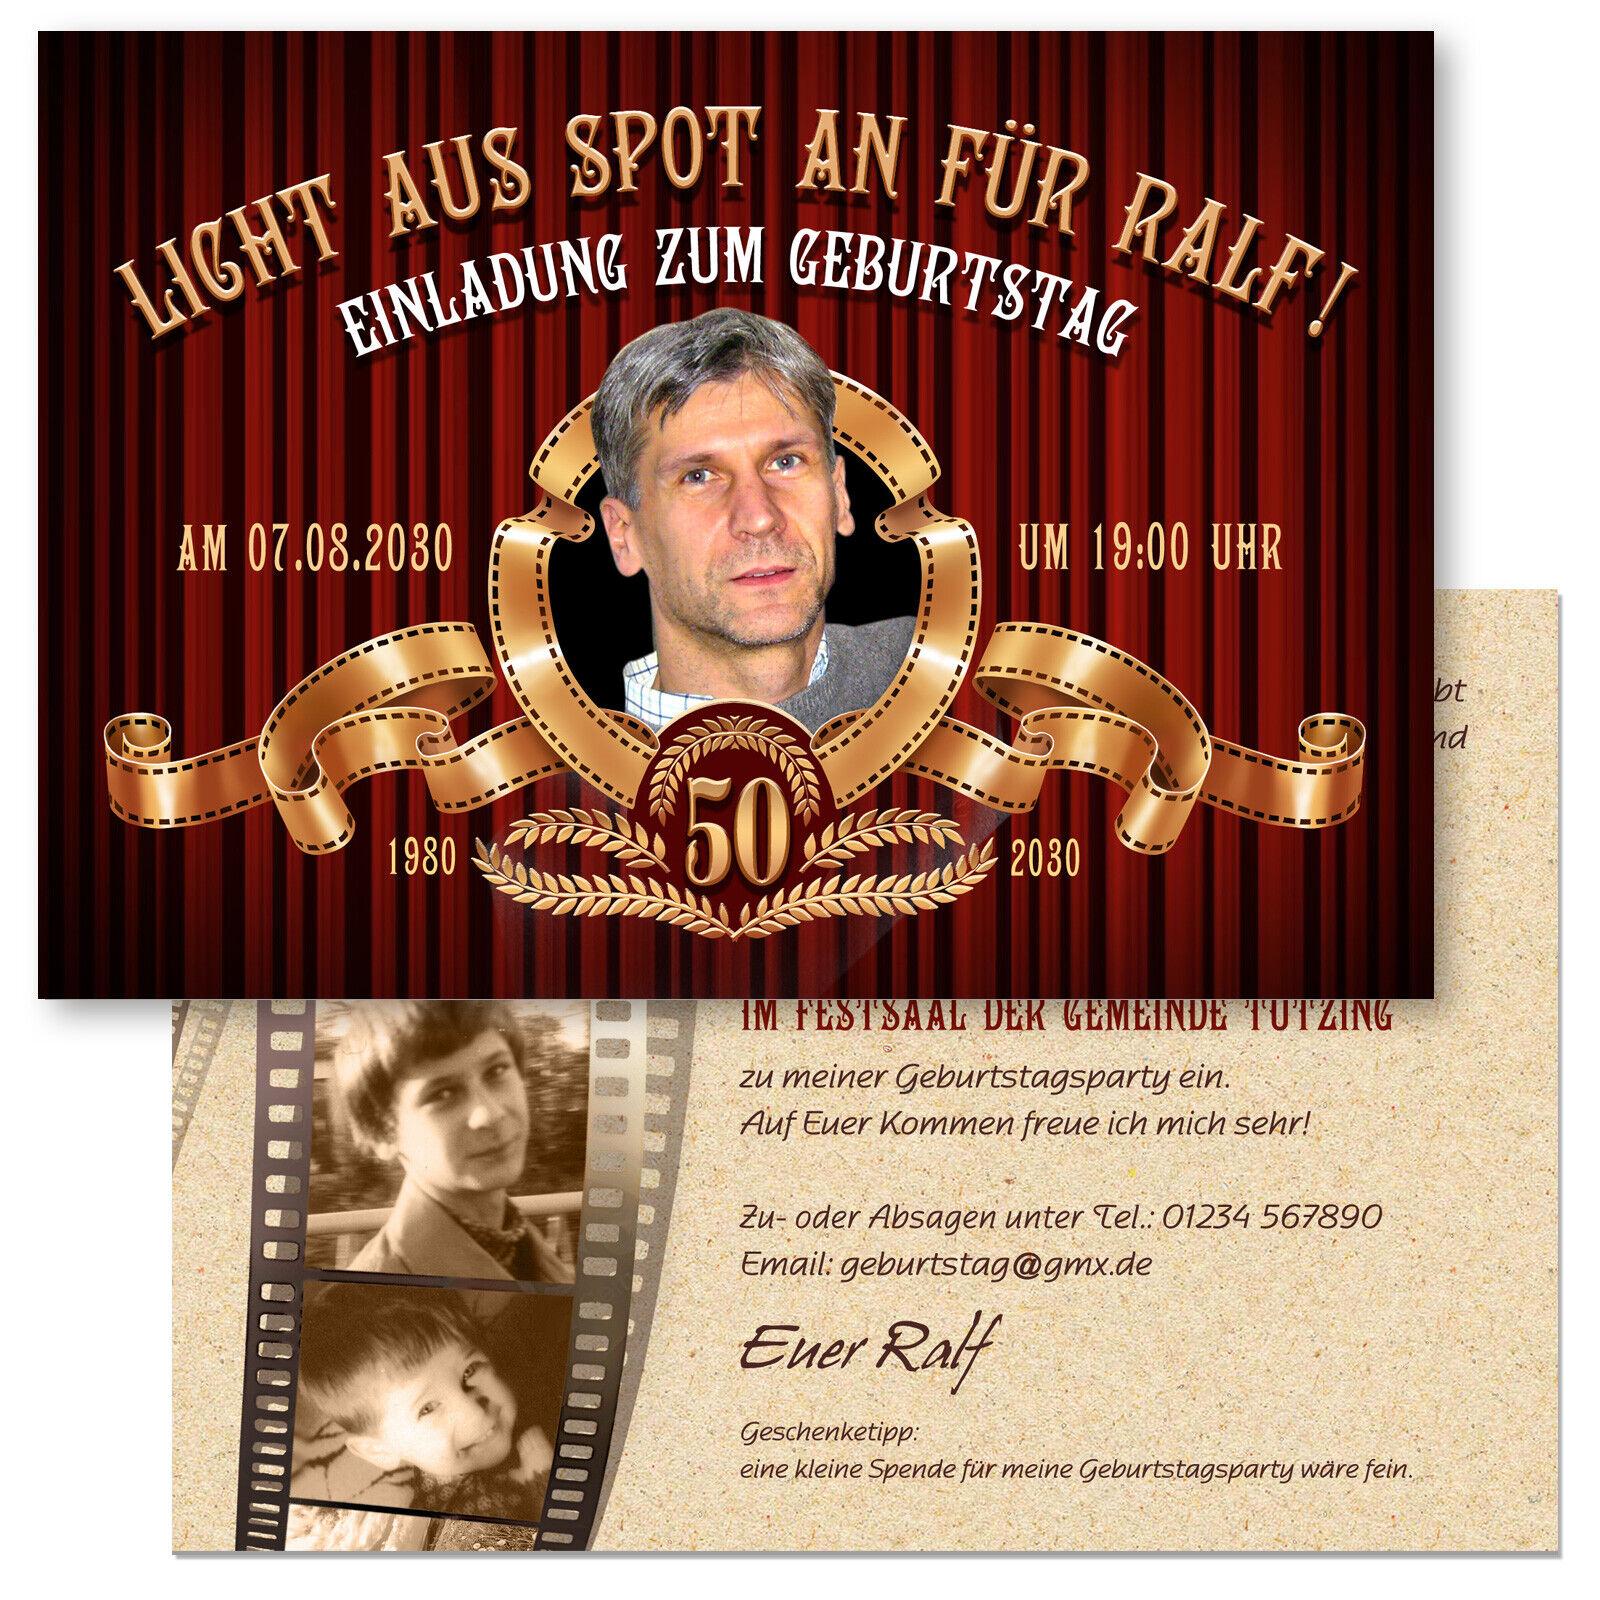 Einladungskarte Geburtstag – Kino, Filmstreifen Variante 2   | Online Outlet Store  | Sale Outlet